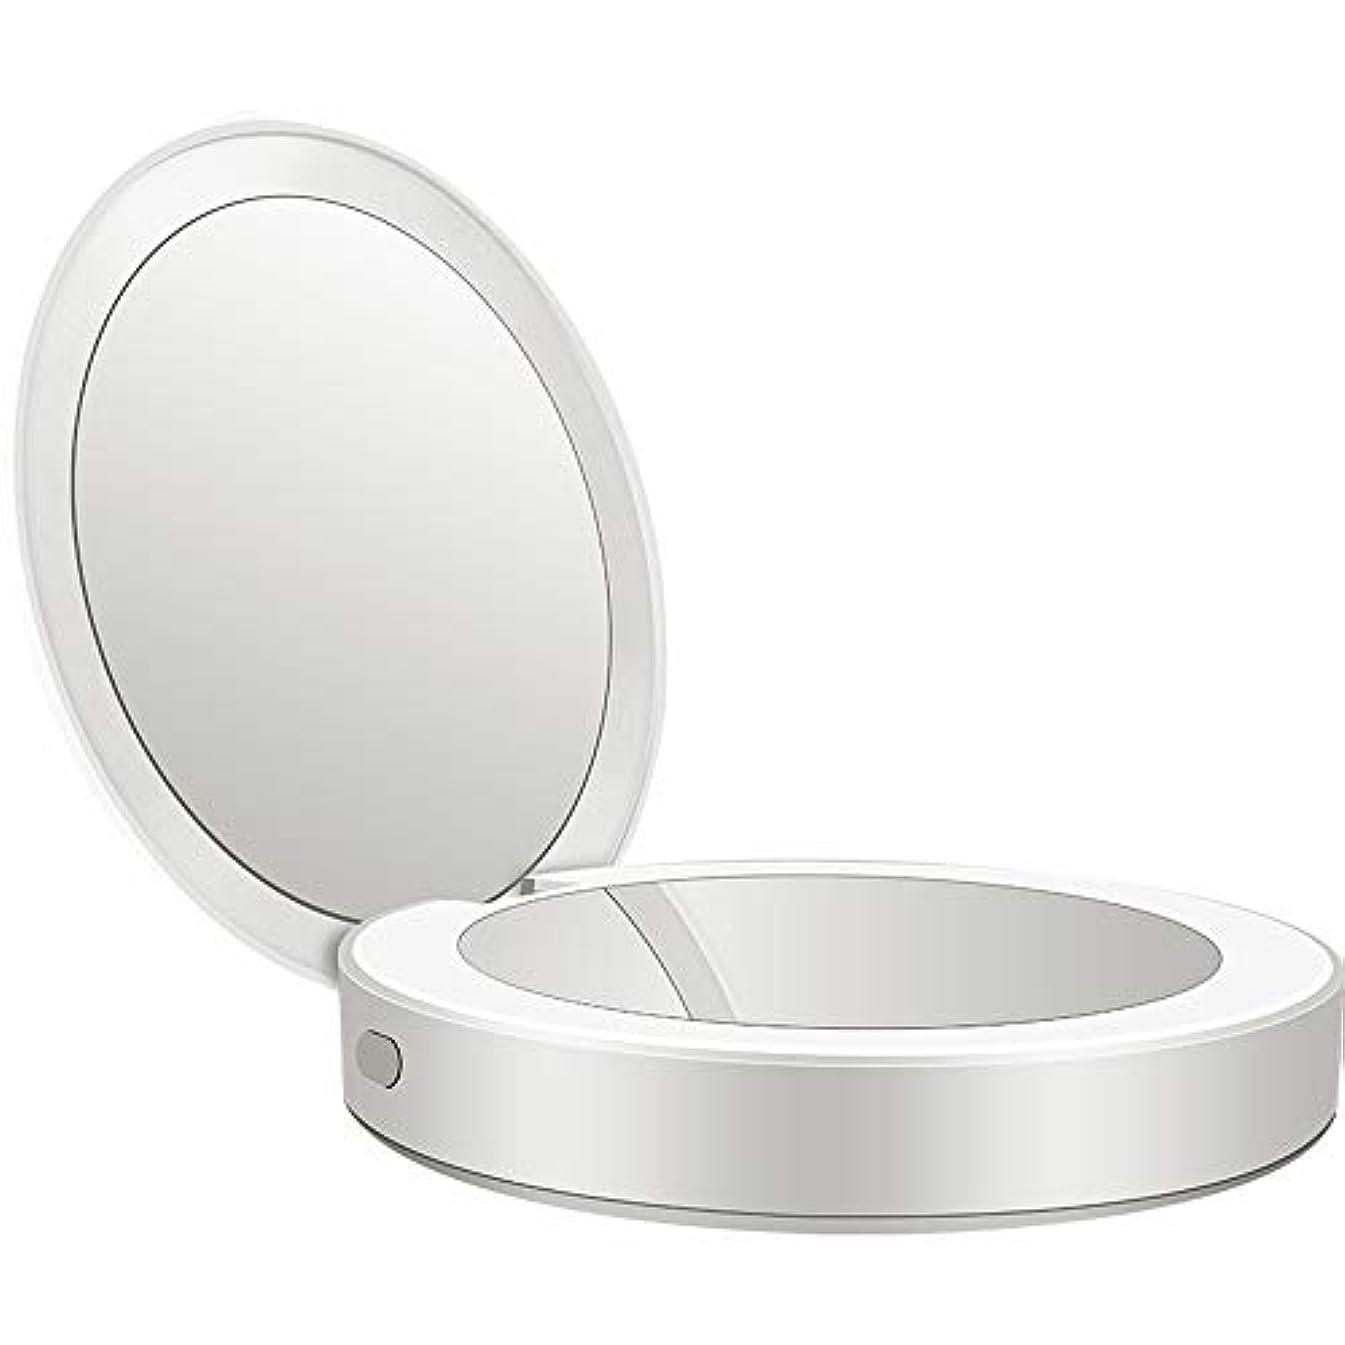 規制ほこりっぽいグッゲンハイム美術館流行の 新しい多機能ポータブル折りたたみLEDライト化粧鏡フィルライト充電宝物鏡ABS素材ギフトギフトライト充電虫眼鏡 (色 : Silver)